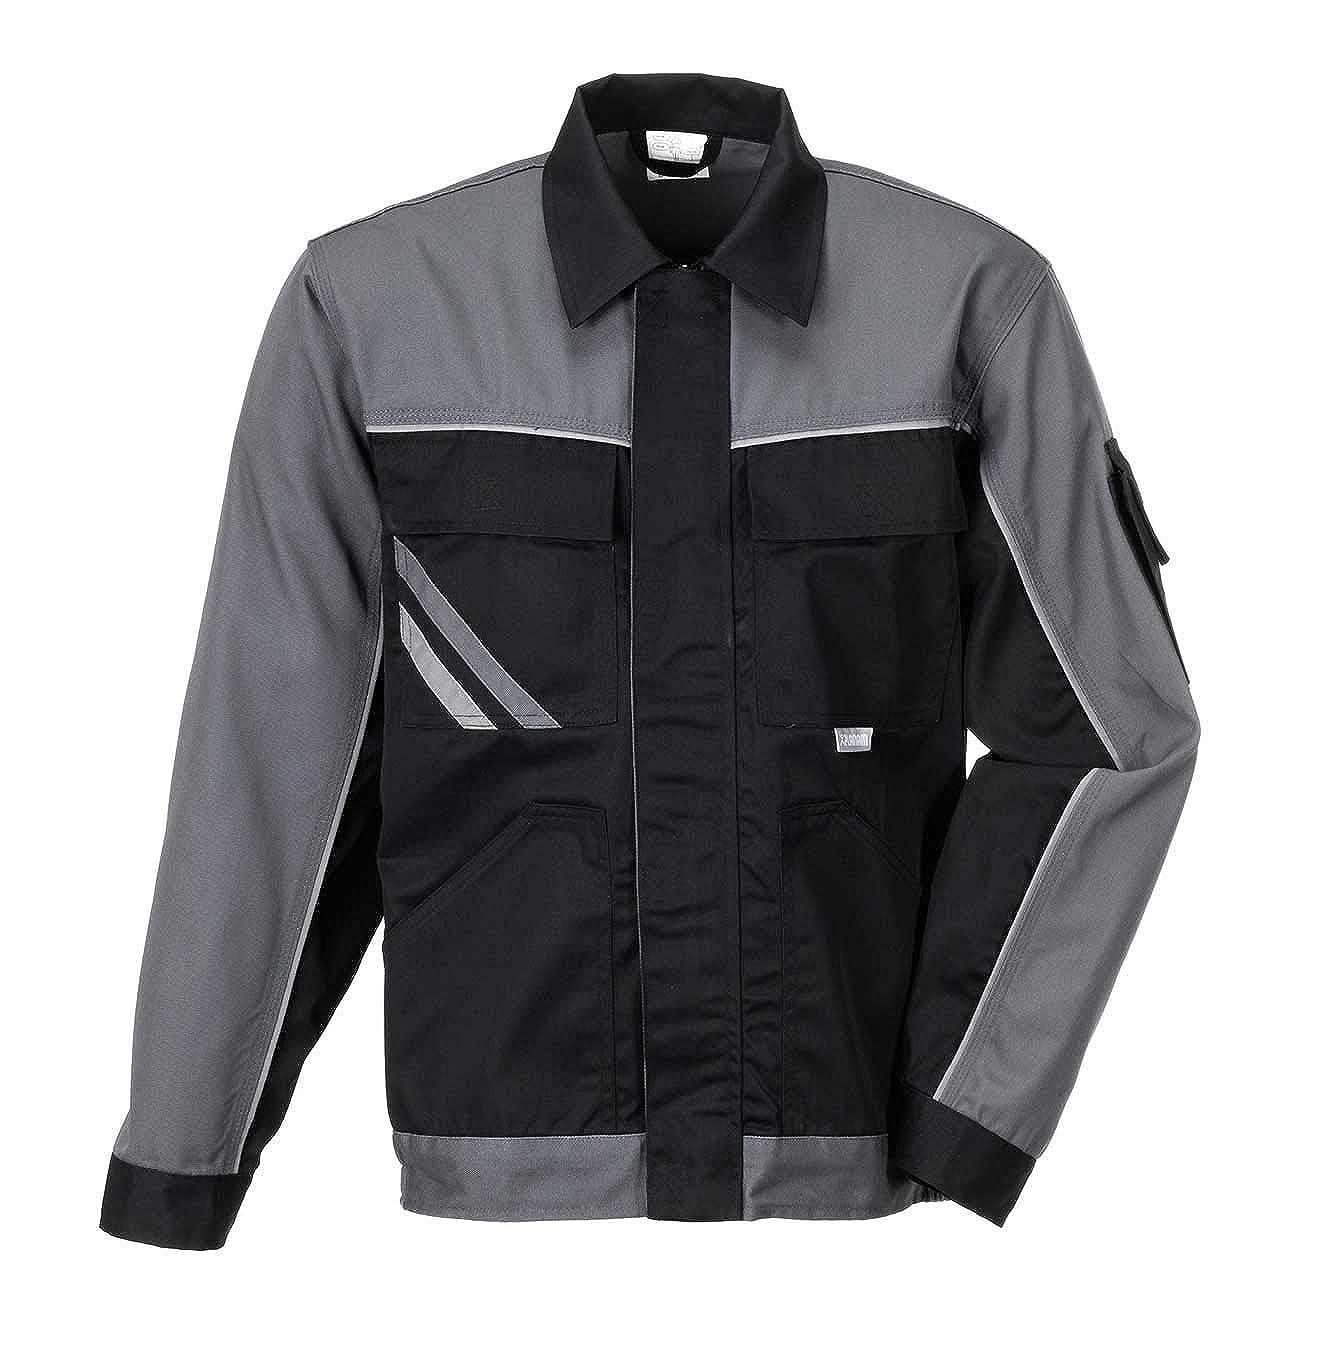 Planam Highline Bundjacke Arbeitsjacke für für für Herren B07L8KTCL5 Jacken Einzigartig d900f3